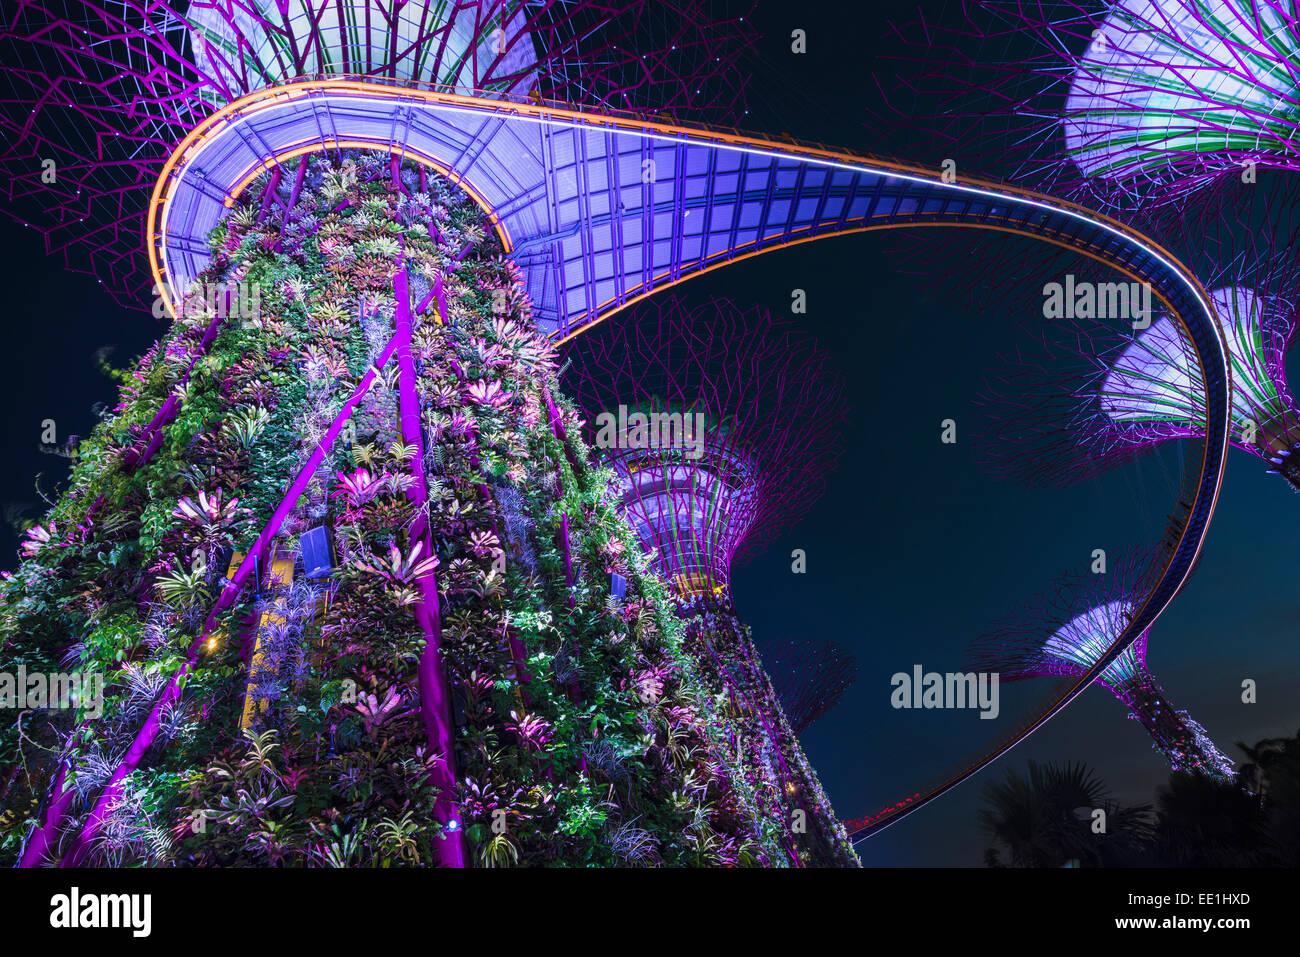 Giardini dalla baia di notte, Singapore, Sud-est asiatico, in Asia Immagini Stock